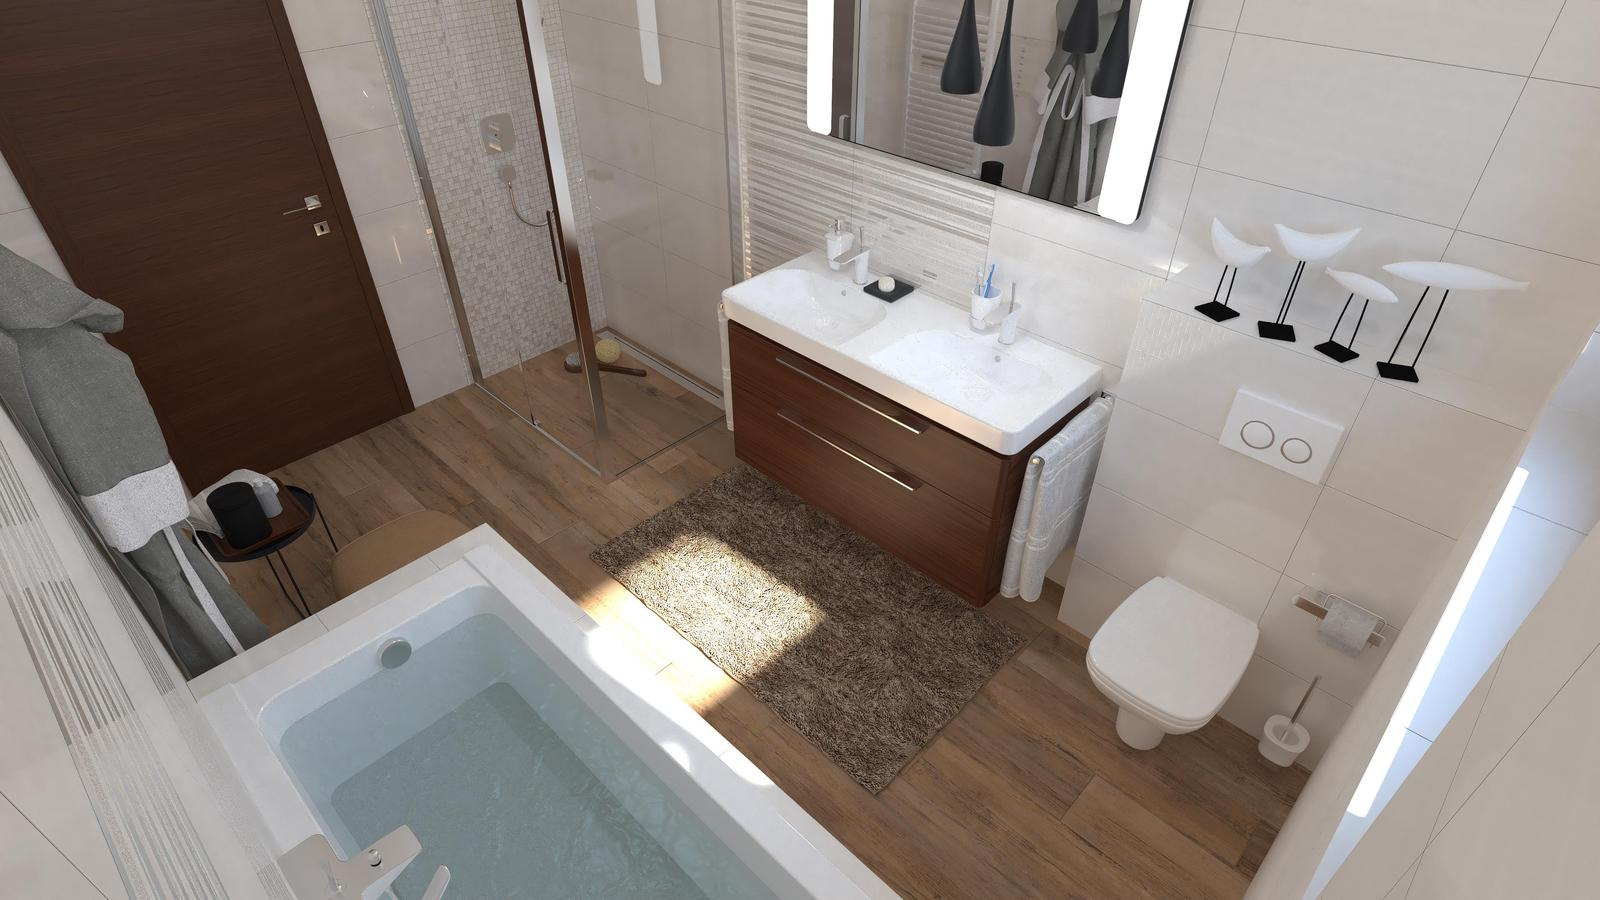 Bielo hnedá kúpeľňa / Vizualizácie - Praktická kúpeľňa. Elegantný biely obklad s dekoratívnymi pásikmi dodá kúpeľni patričný šmrnc a zariadenie v čokoládovom odtieni hnedej s dlažbou v dizajne dreva zasa útulnosť. V tejto kombinácii bude vaša kúpeľňa iste nadčasová.